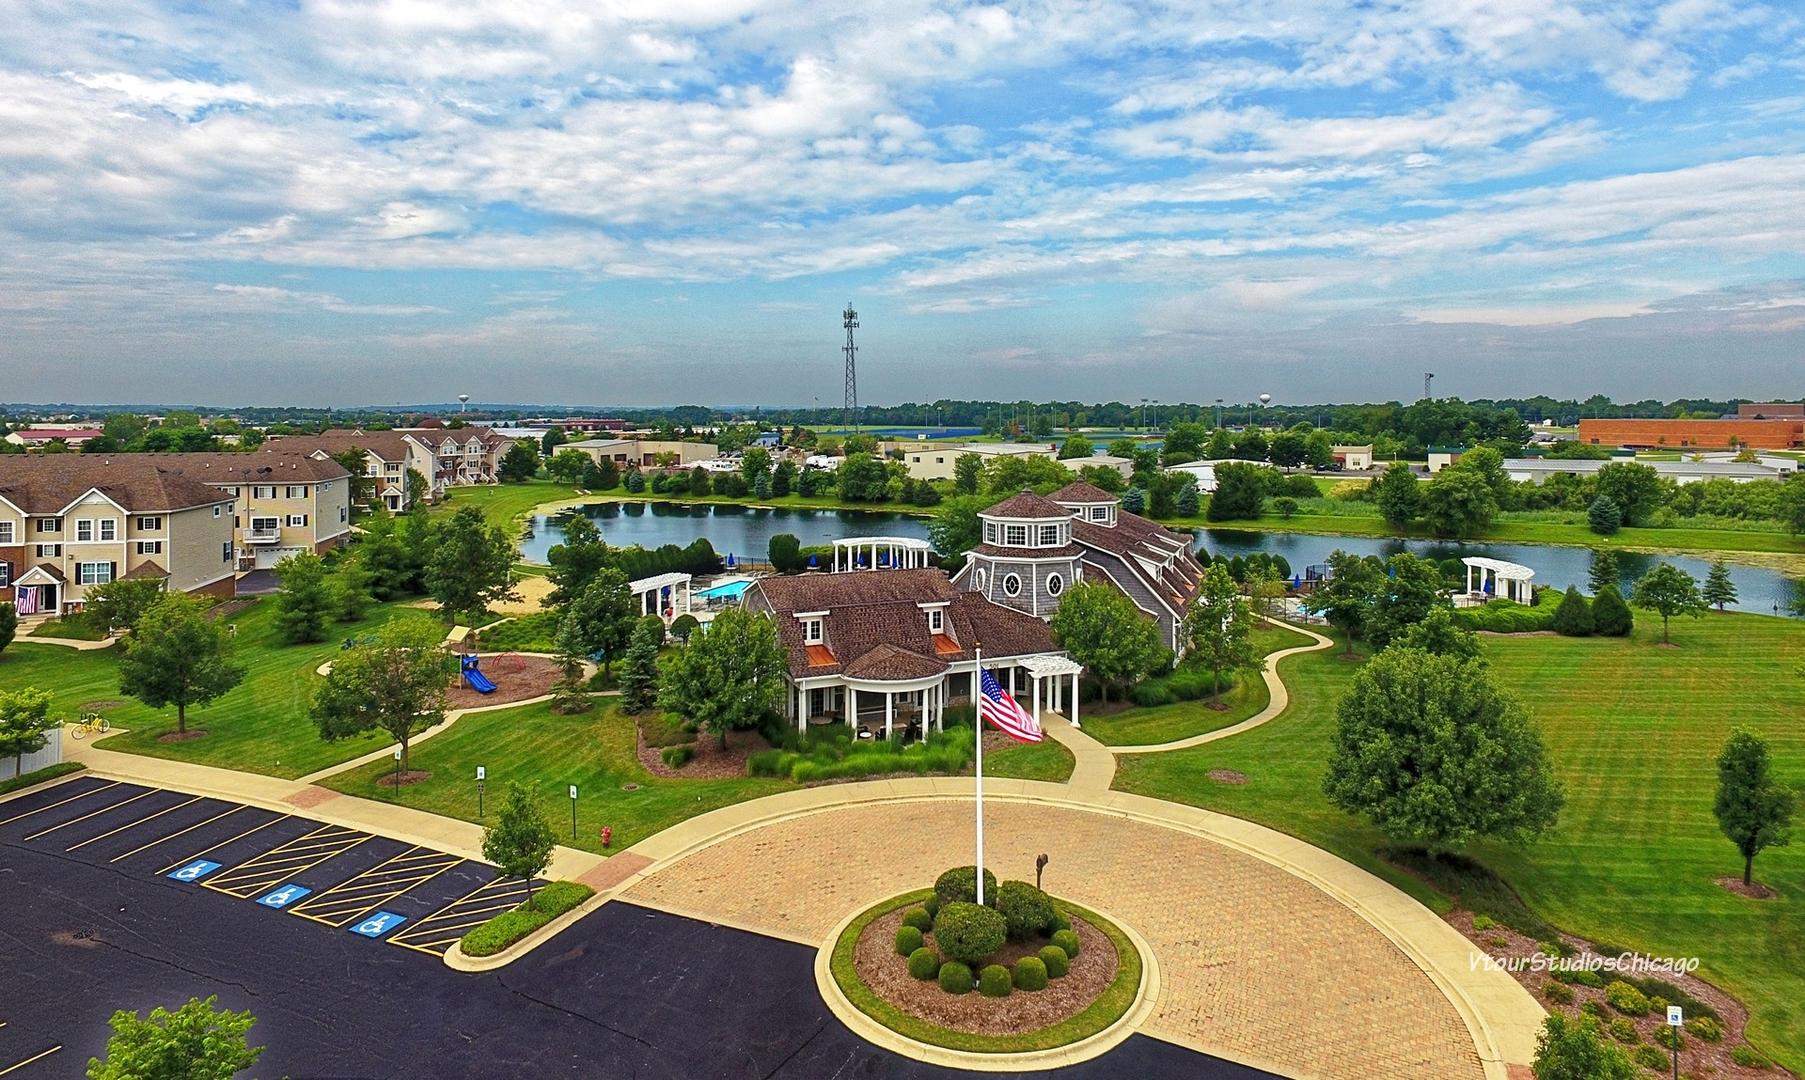 839 Shadowbrook, Oswego, Illinois, 60543